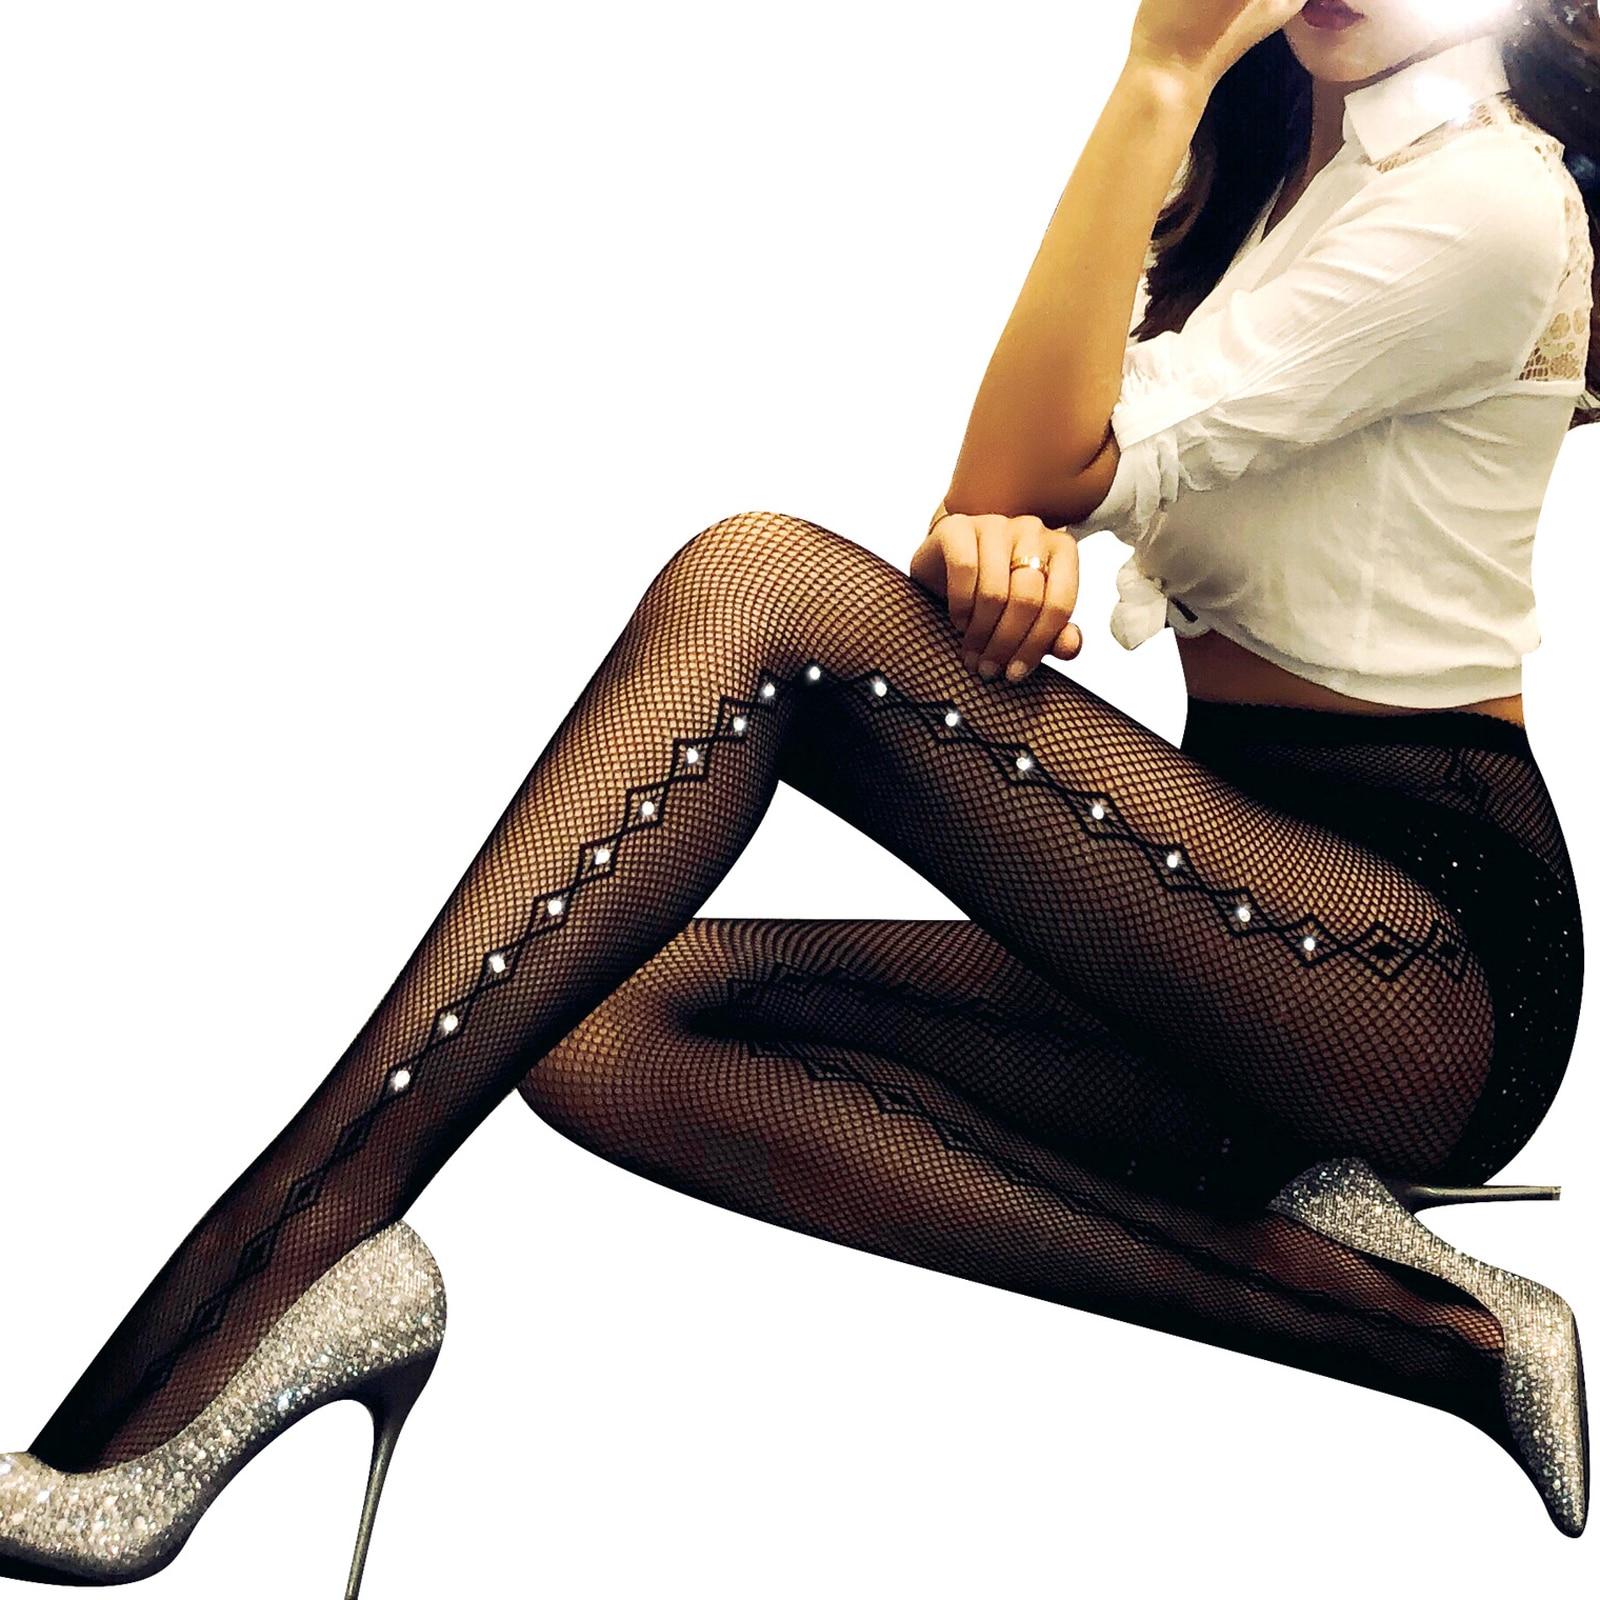 78ecd6f18 2018 Sexy Mulheres Meia-calça Brilhante fishnetstocking Alta Qualidade Oco  malha de Diamantes Calças xadrez Brilho Strass meias